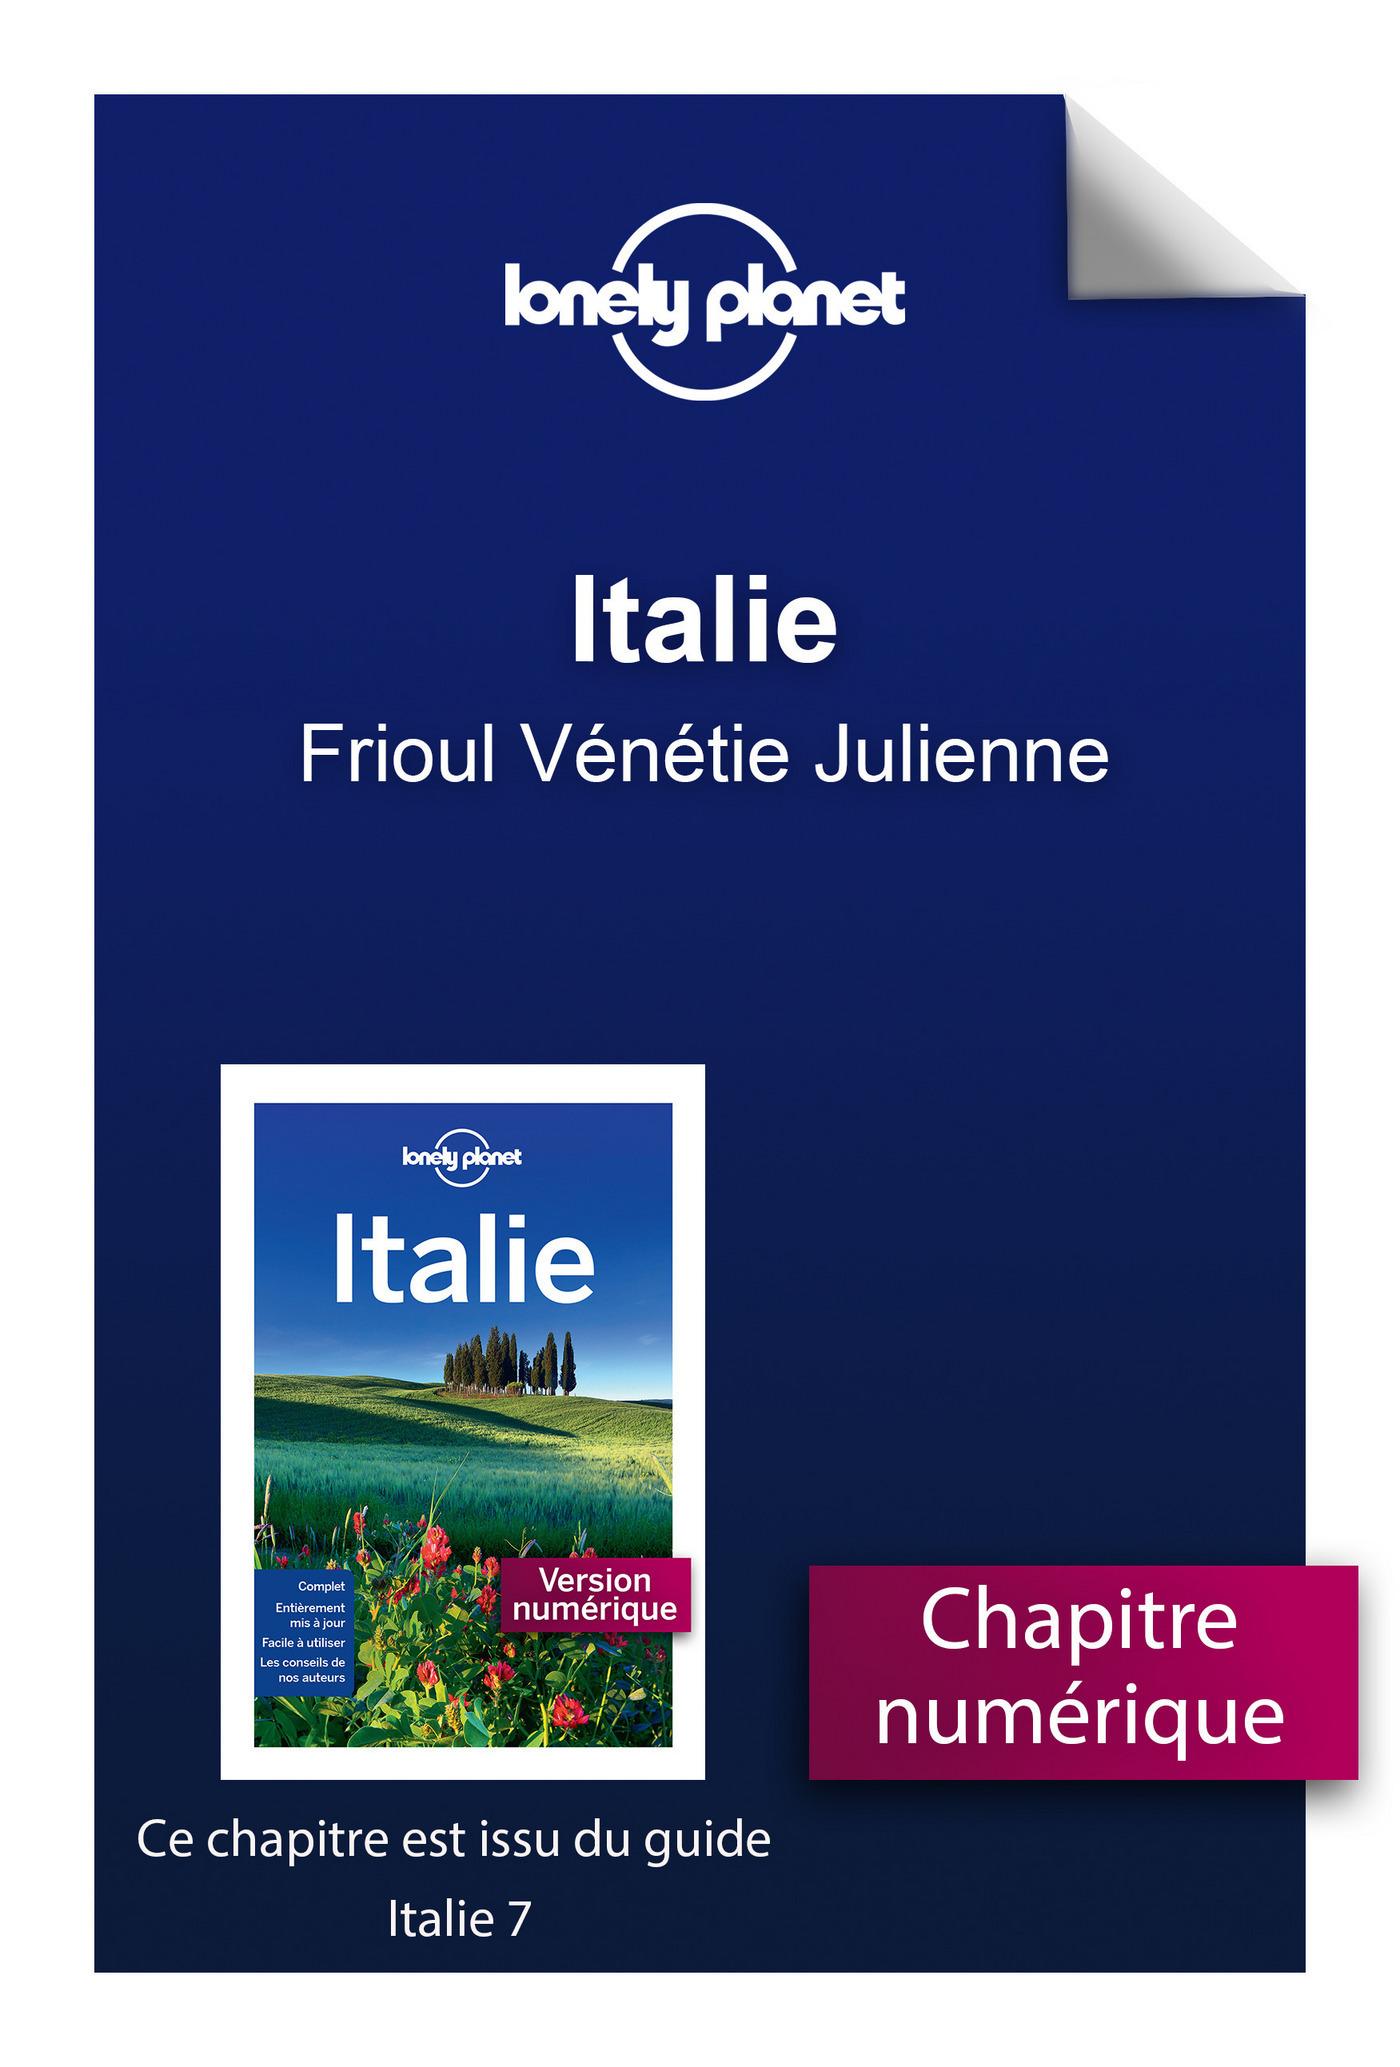 Italie - Frioul Vénétie Julienne